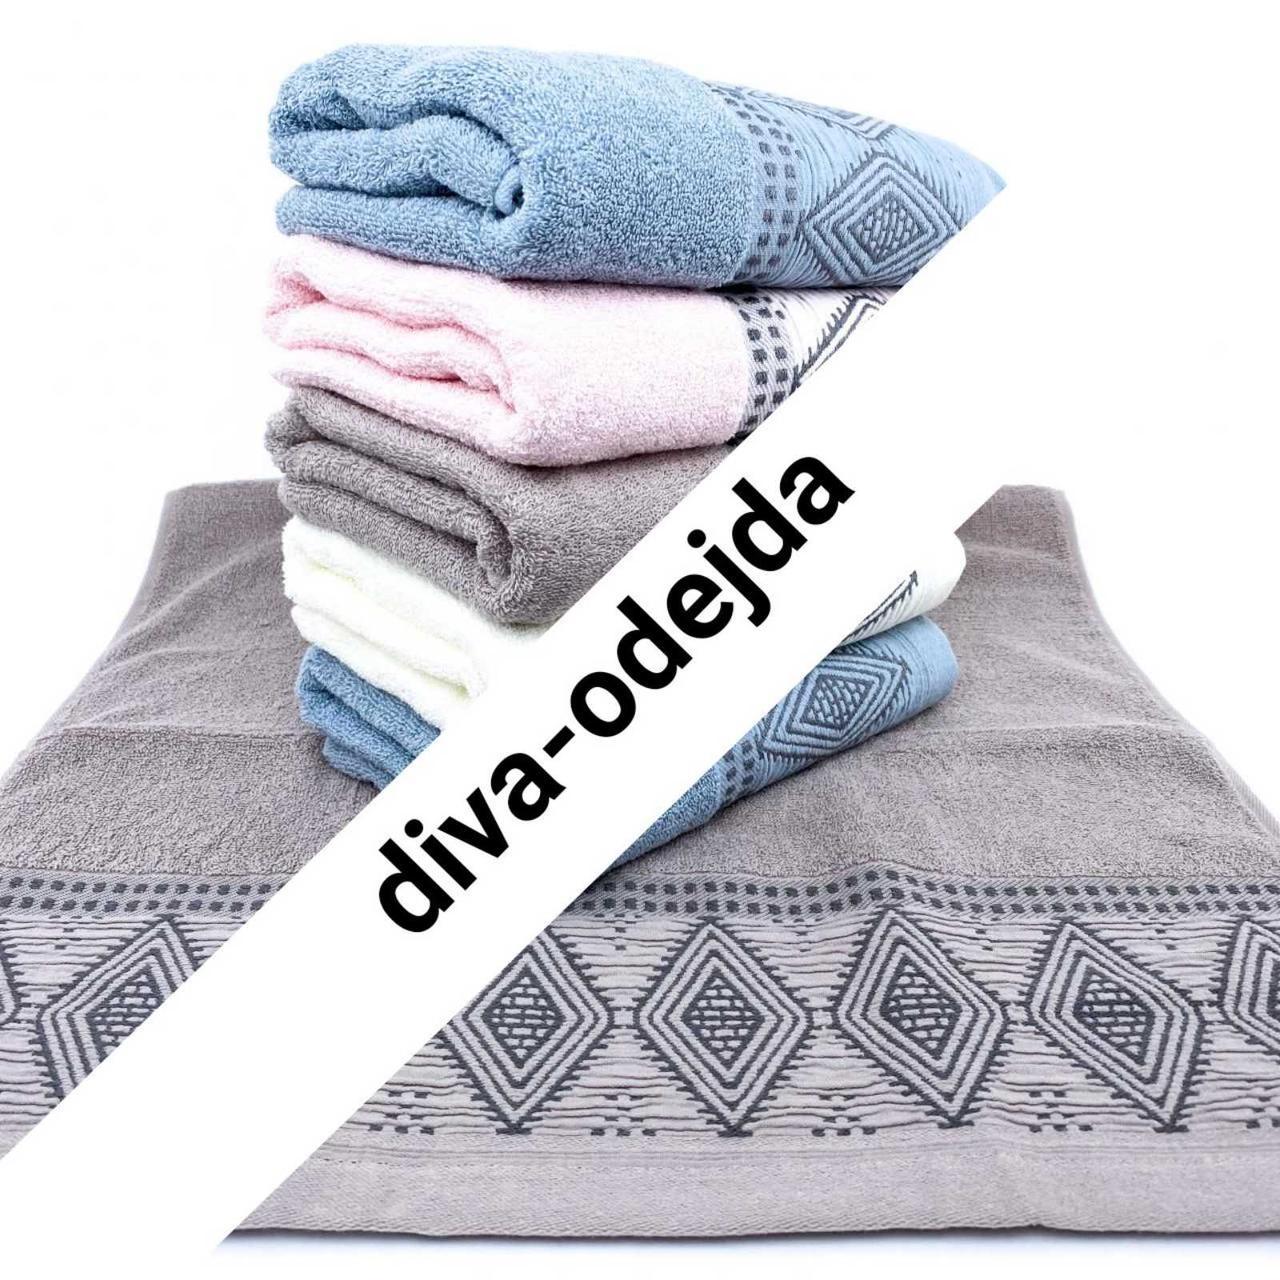 Банное полотенце с узорами ромб.Размер:1,4 x 0,7